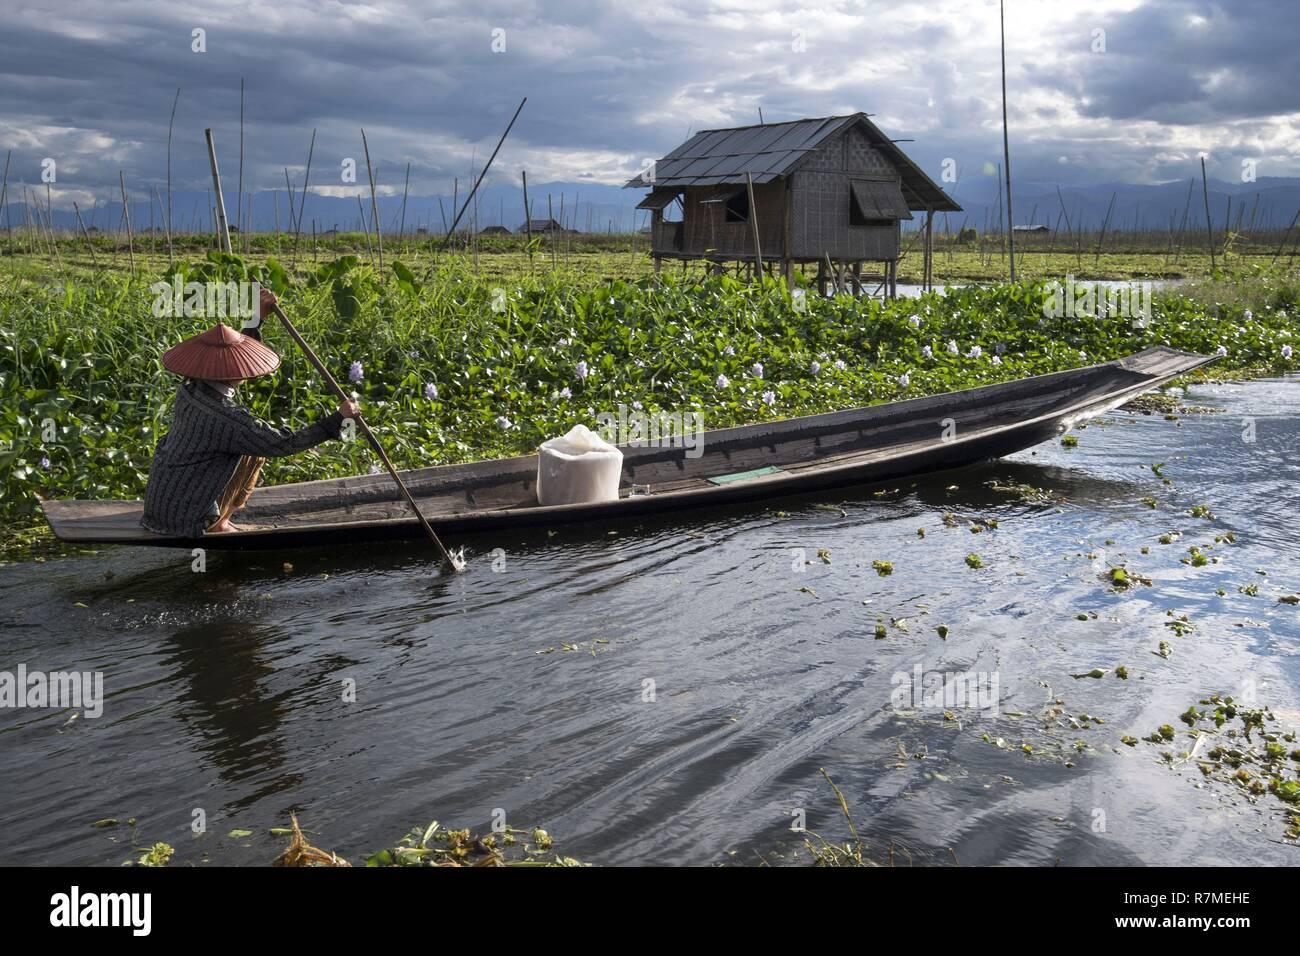 Myanmar, Shan State, Taunggyi District, Inle Lake, floating gardens Stock Photo